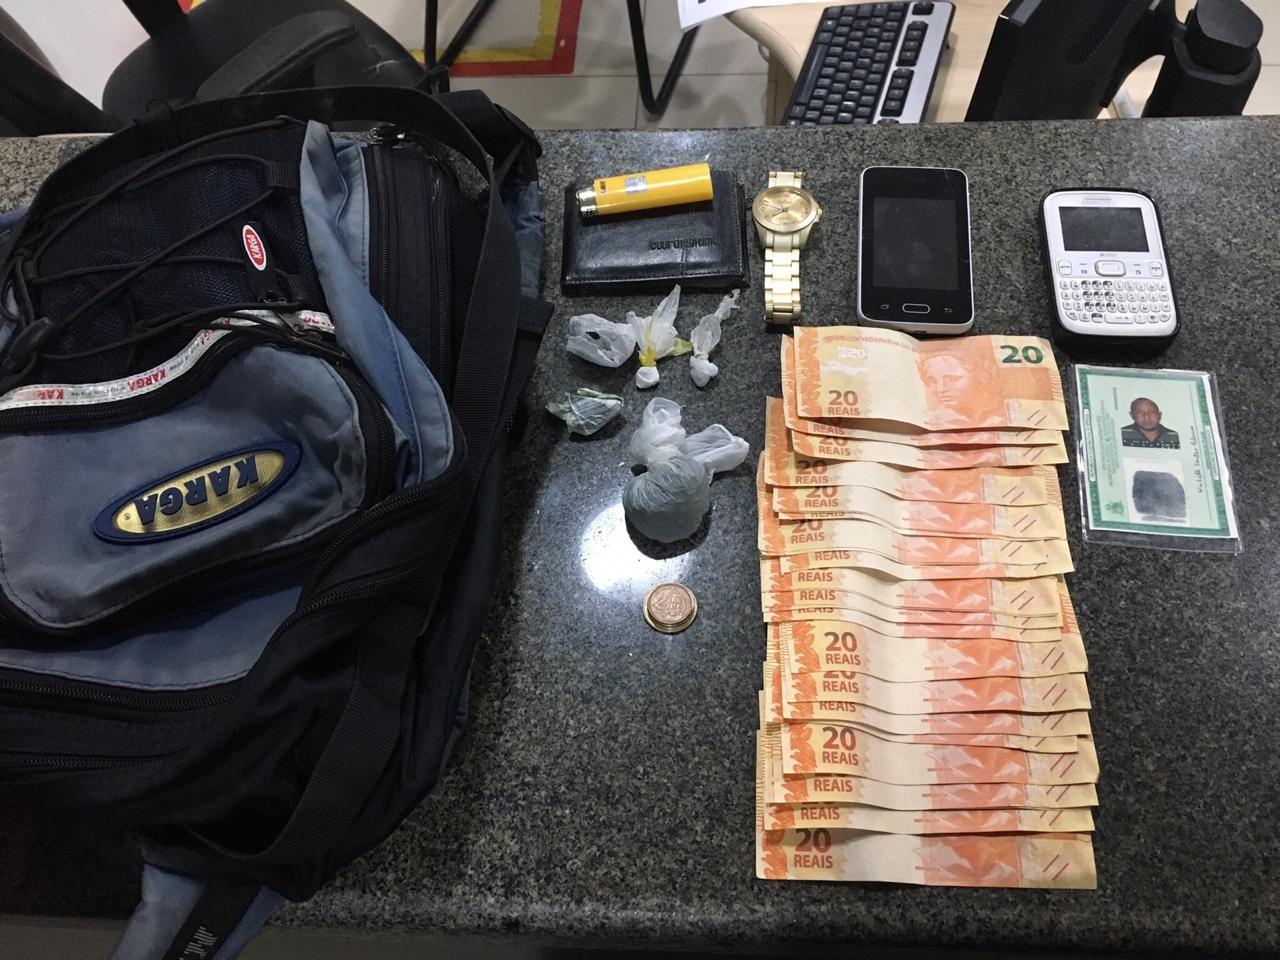 Polícia prende em flagrante trio com cédulas falsas em São Luís - Noticias